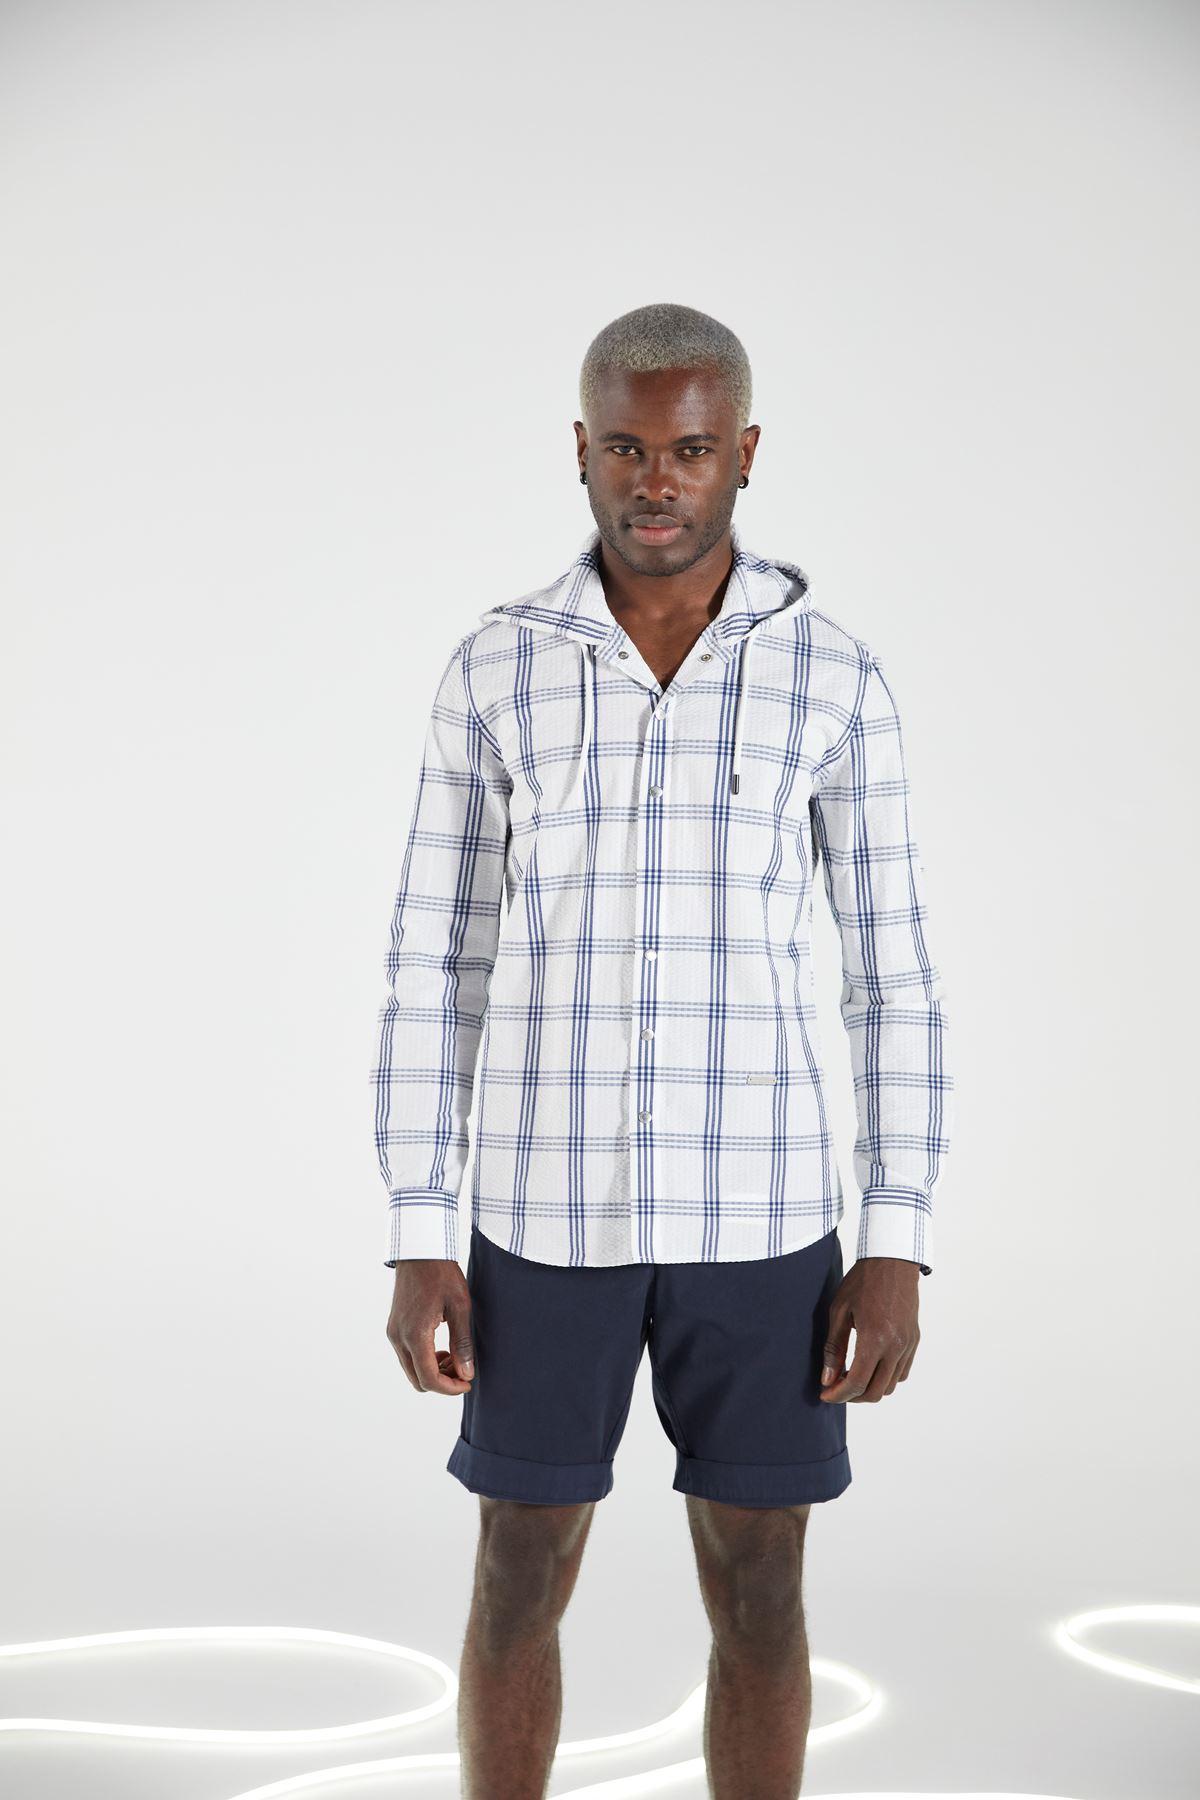 Beyaz Ekose Kapüşonlu Çıt Çıt Kapama Spor Gömlek